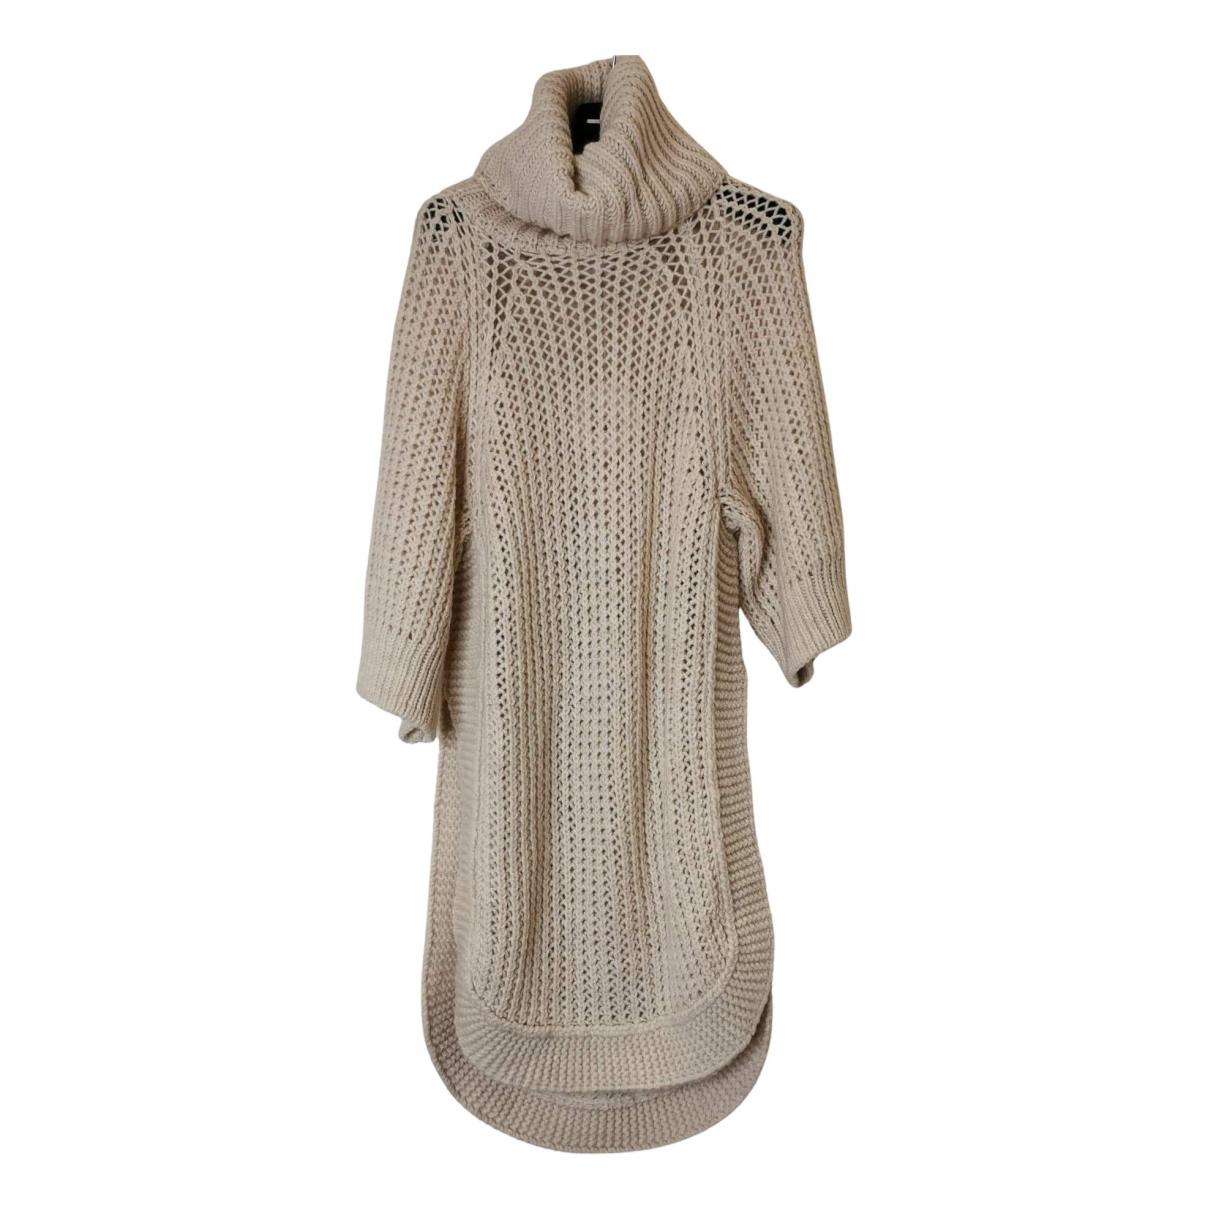 Chloe \N Pullover in  Beige Wolle